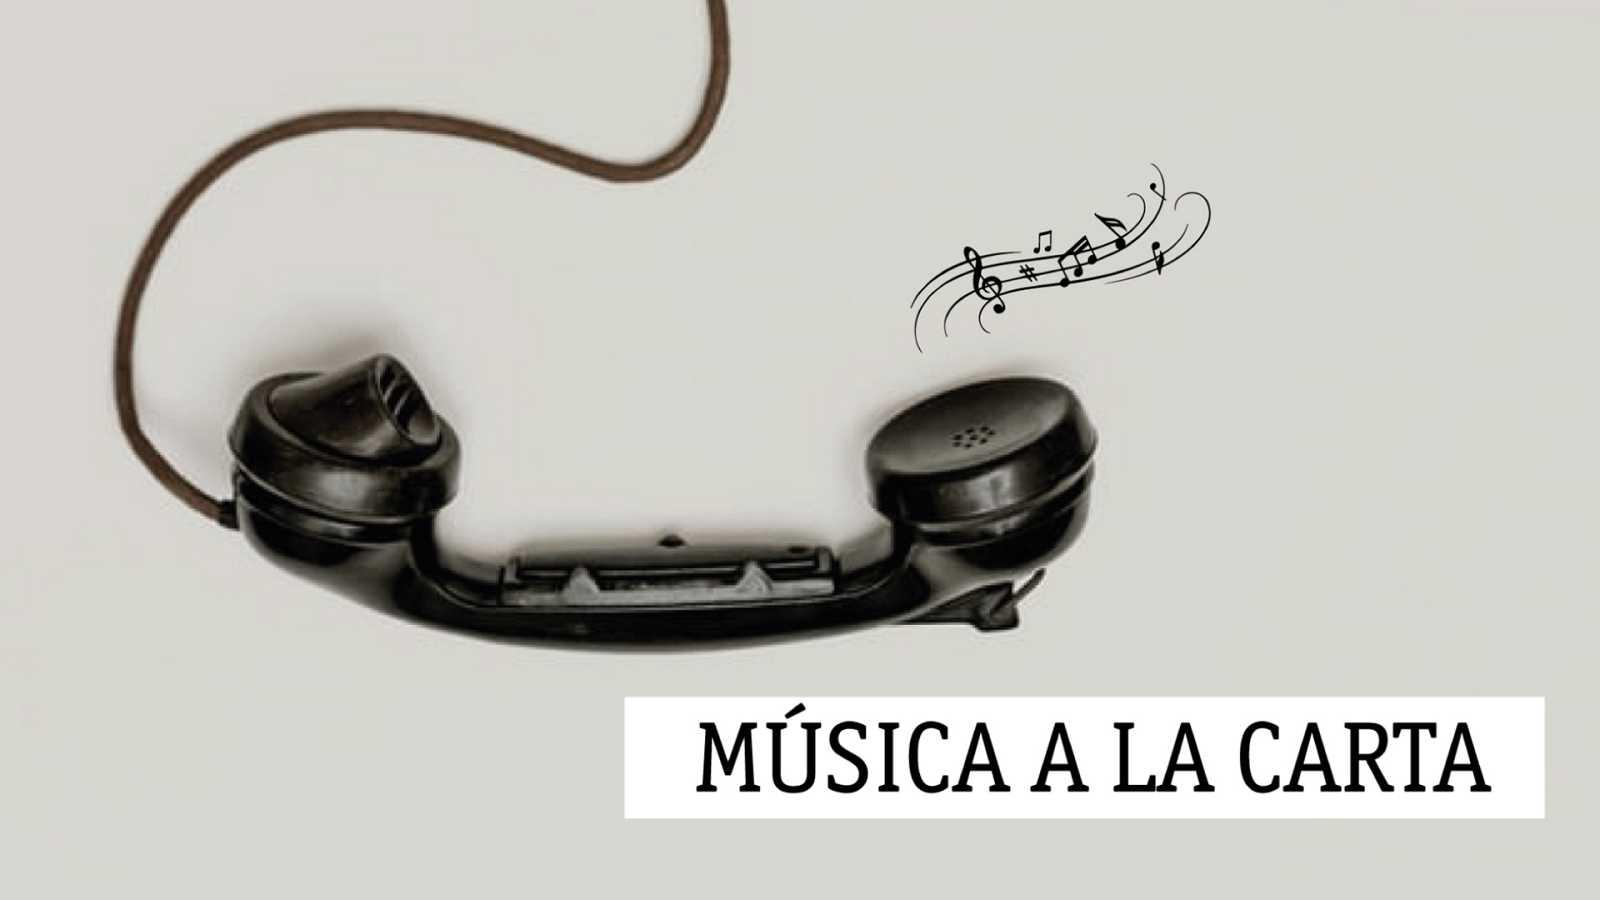 Música a la carta - 23/03/21 - escuchar ahora